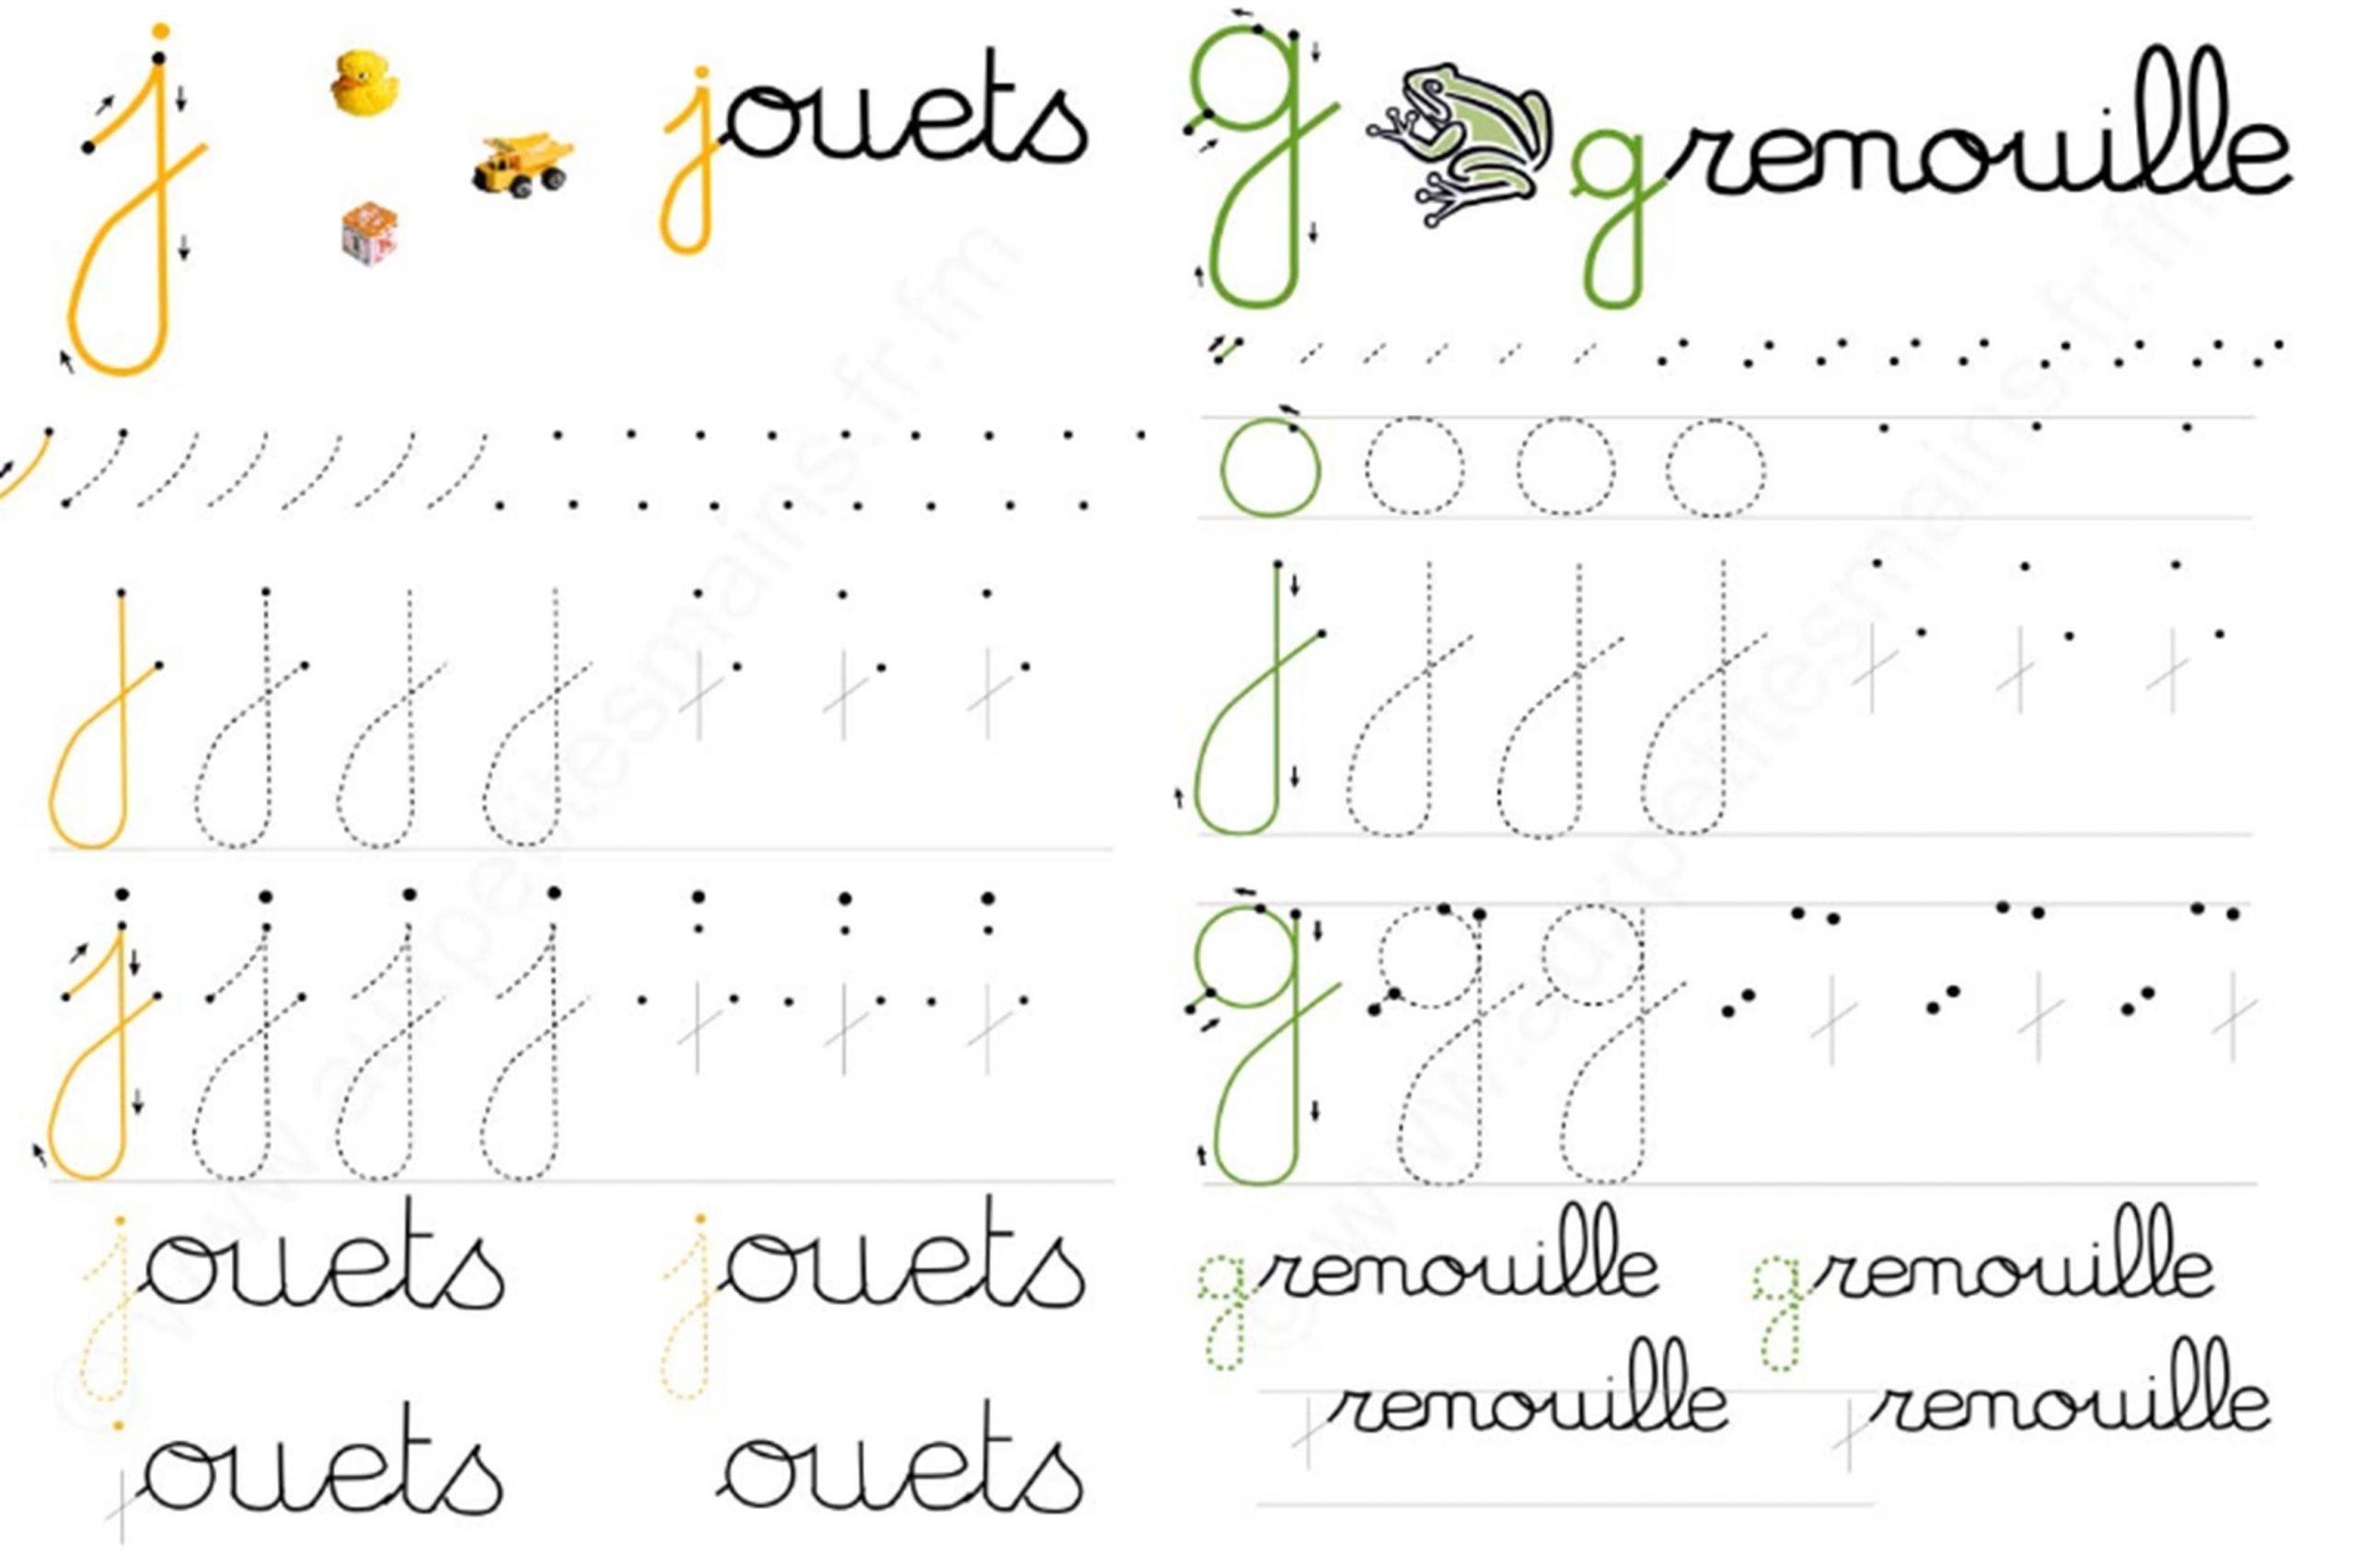 Fichier D'écriture Grande Section | Le Blog De Monsieur Mathieu à Jeux Grande Section Maternelle Gratuit En Ligne